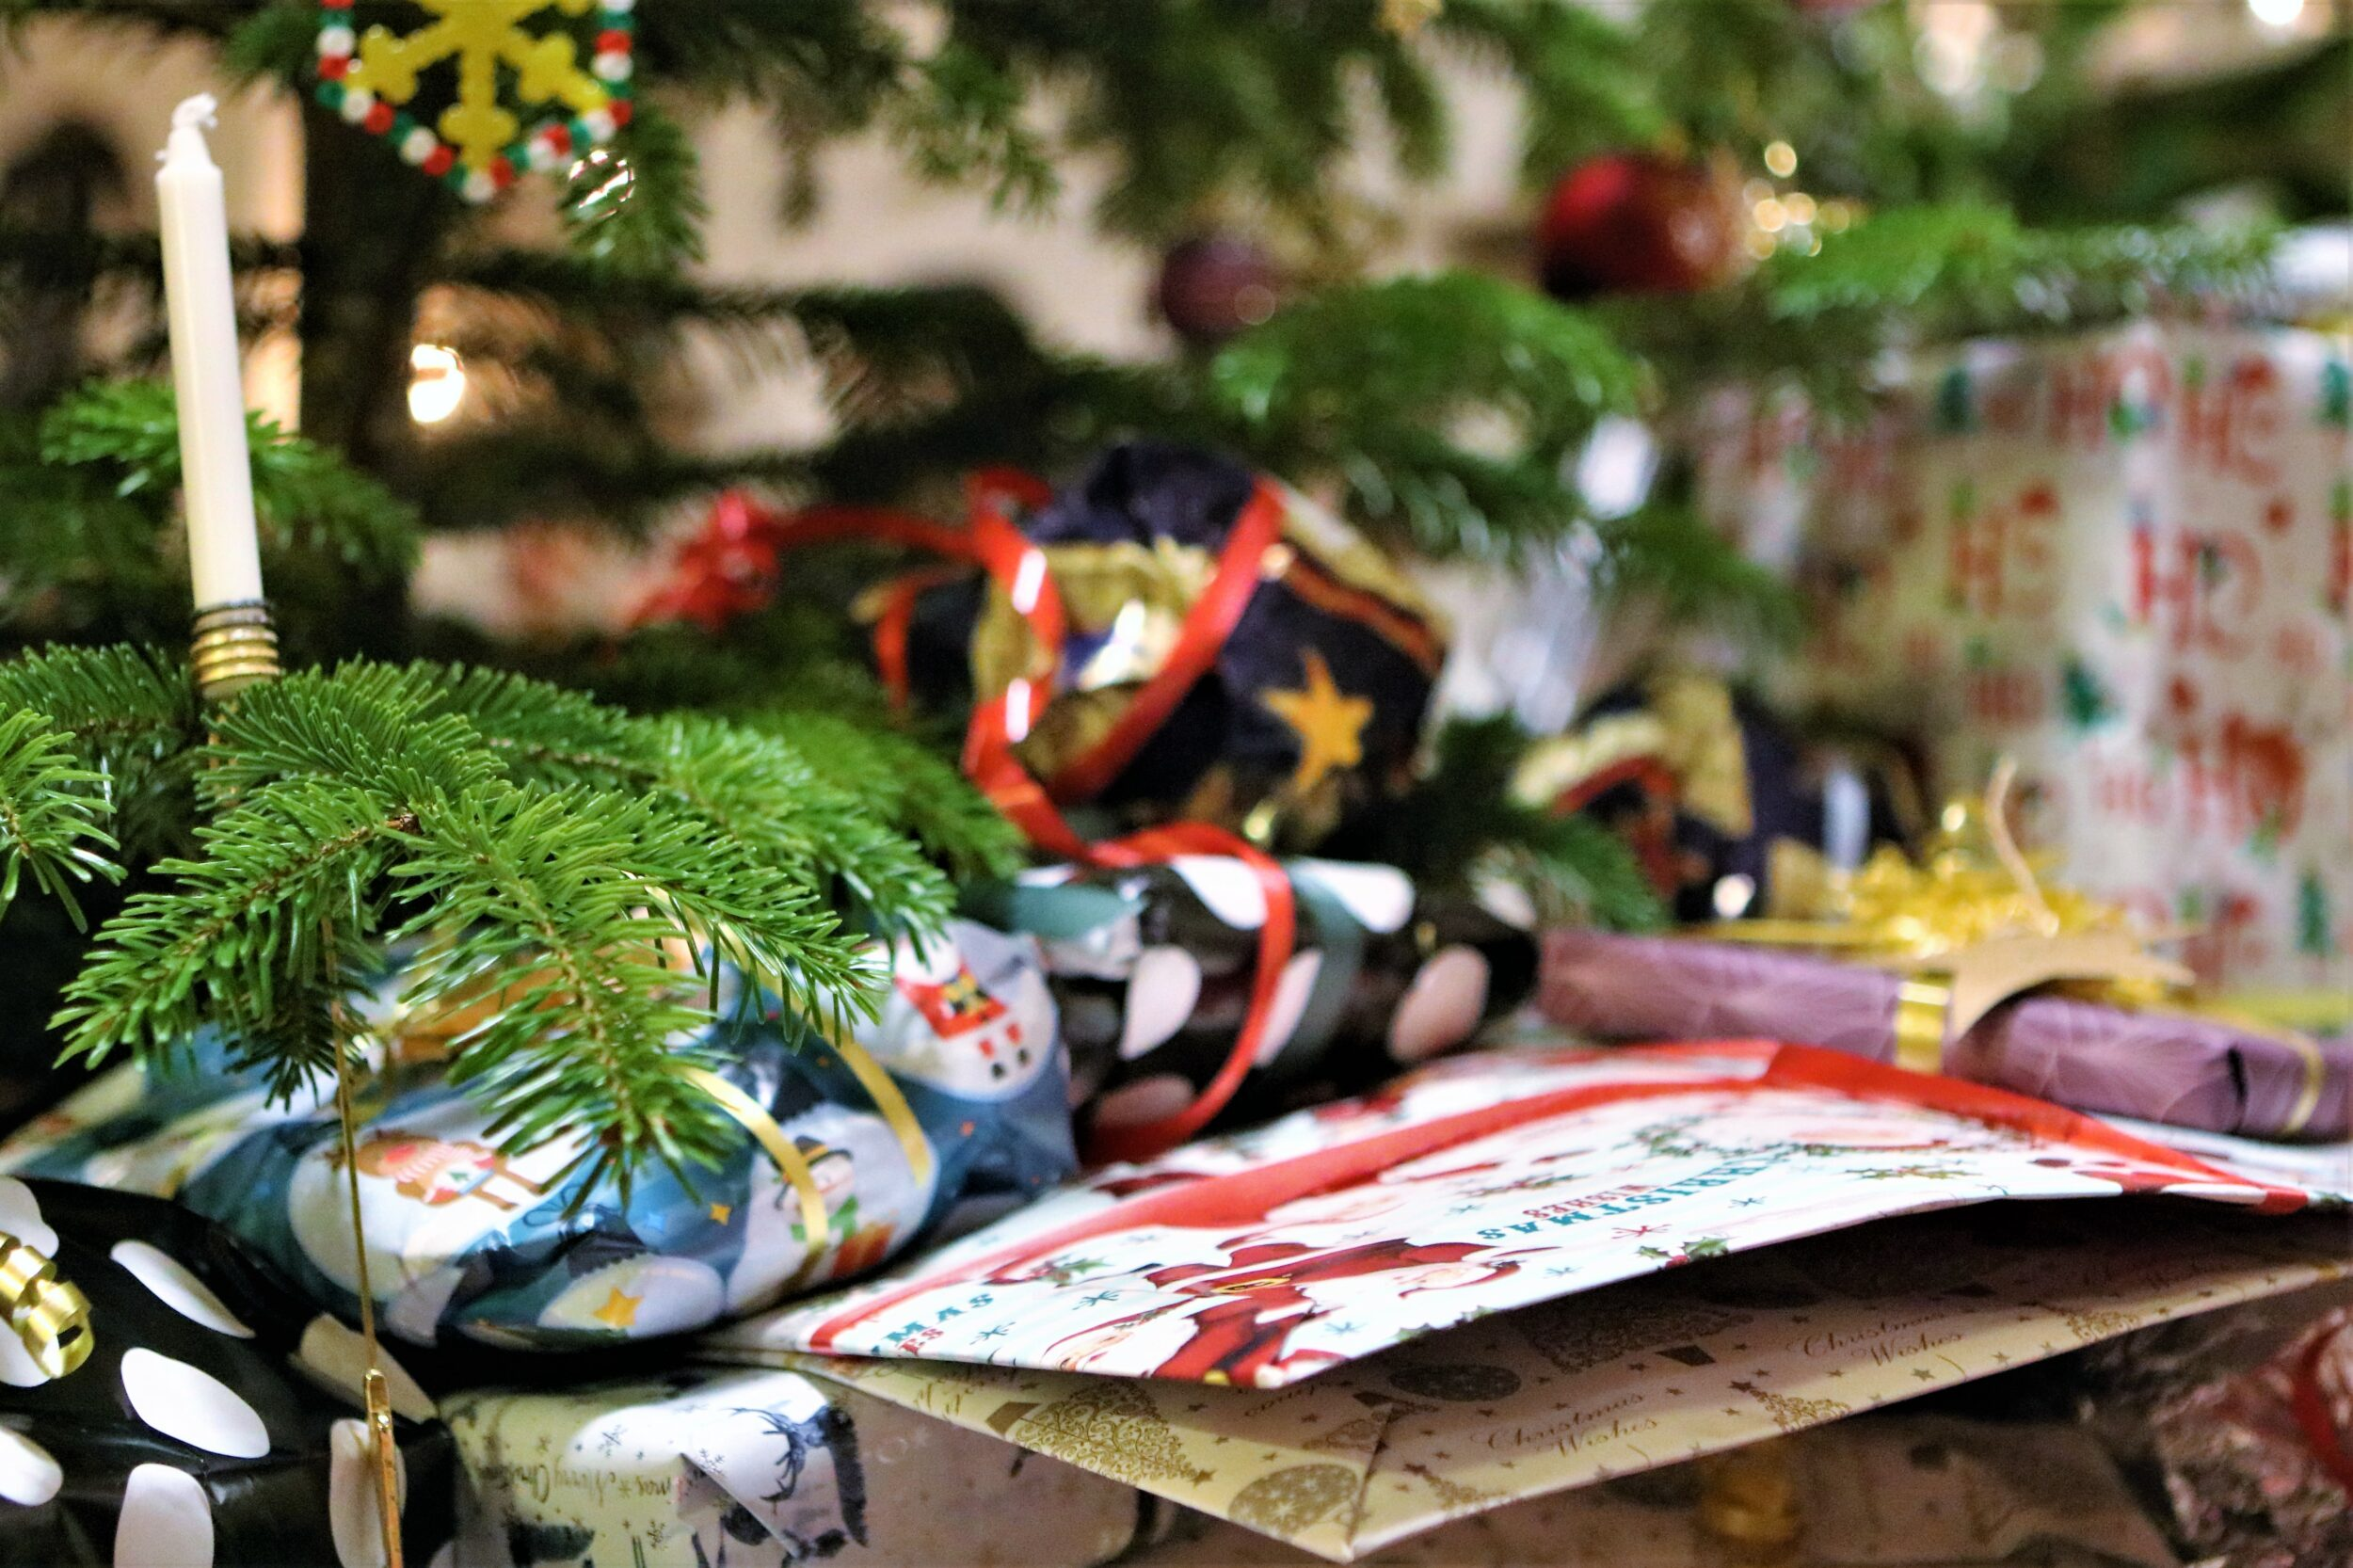 Hvordan kan vi være sammen i julen?